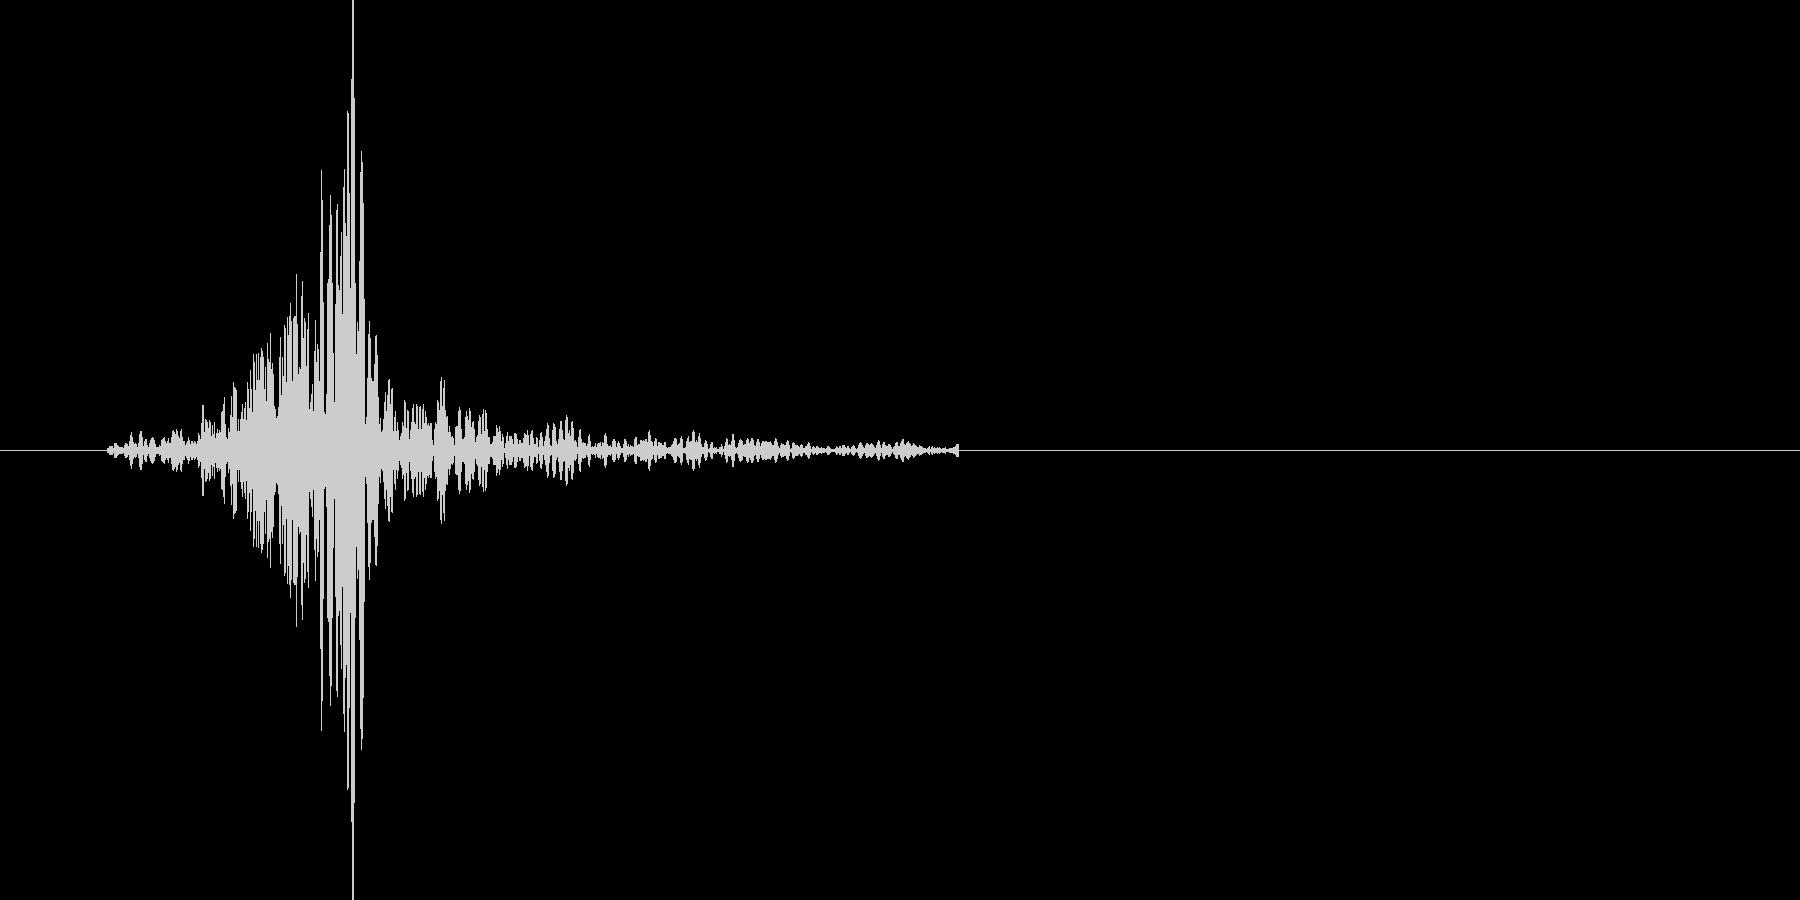 ブンッ。武器を振る音です(2)の未再生の波形